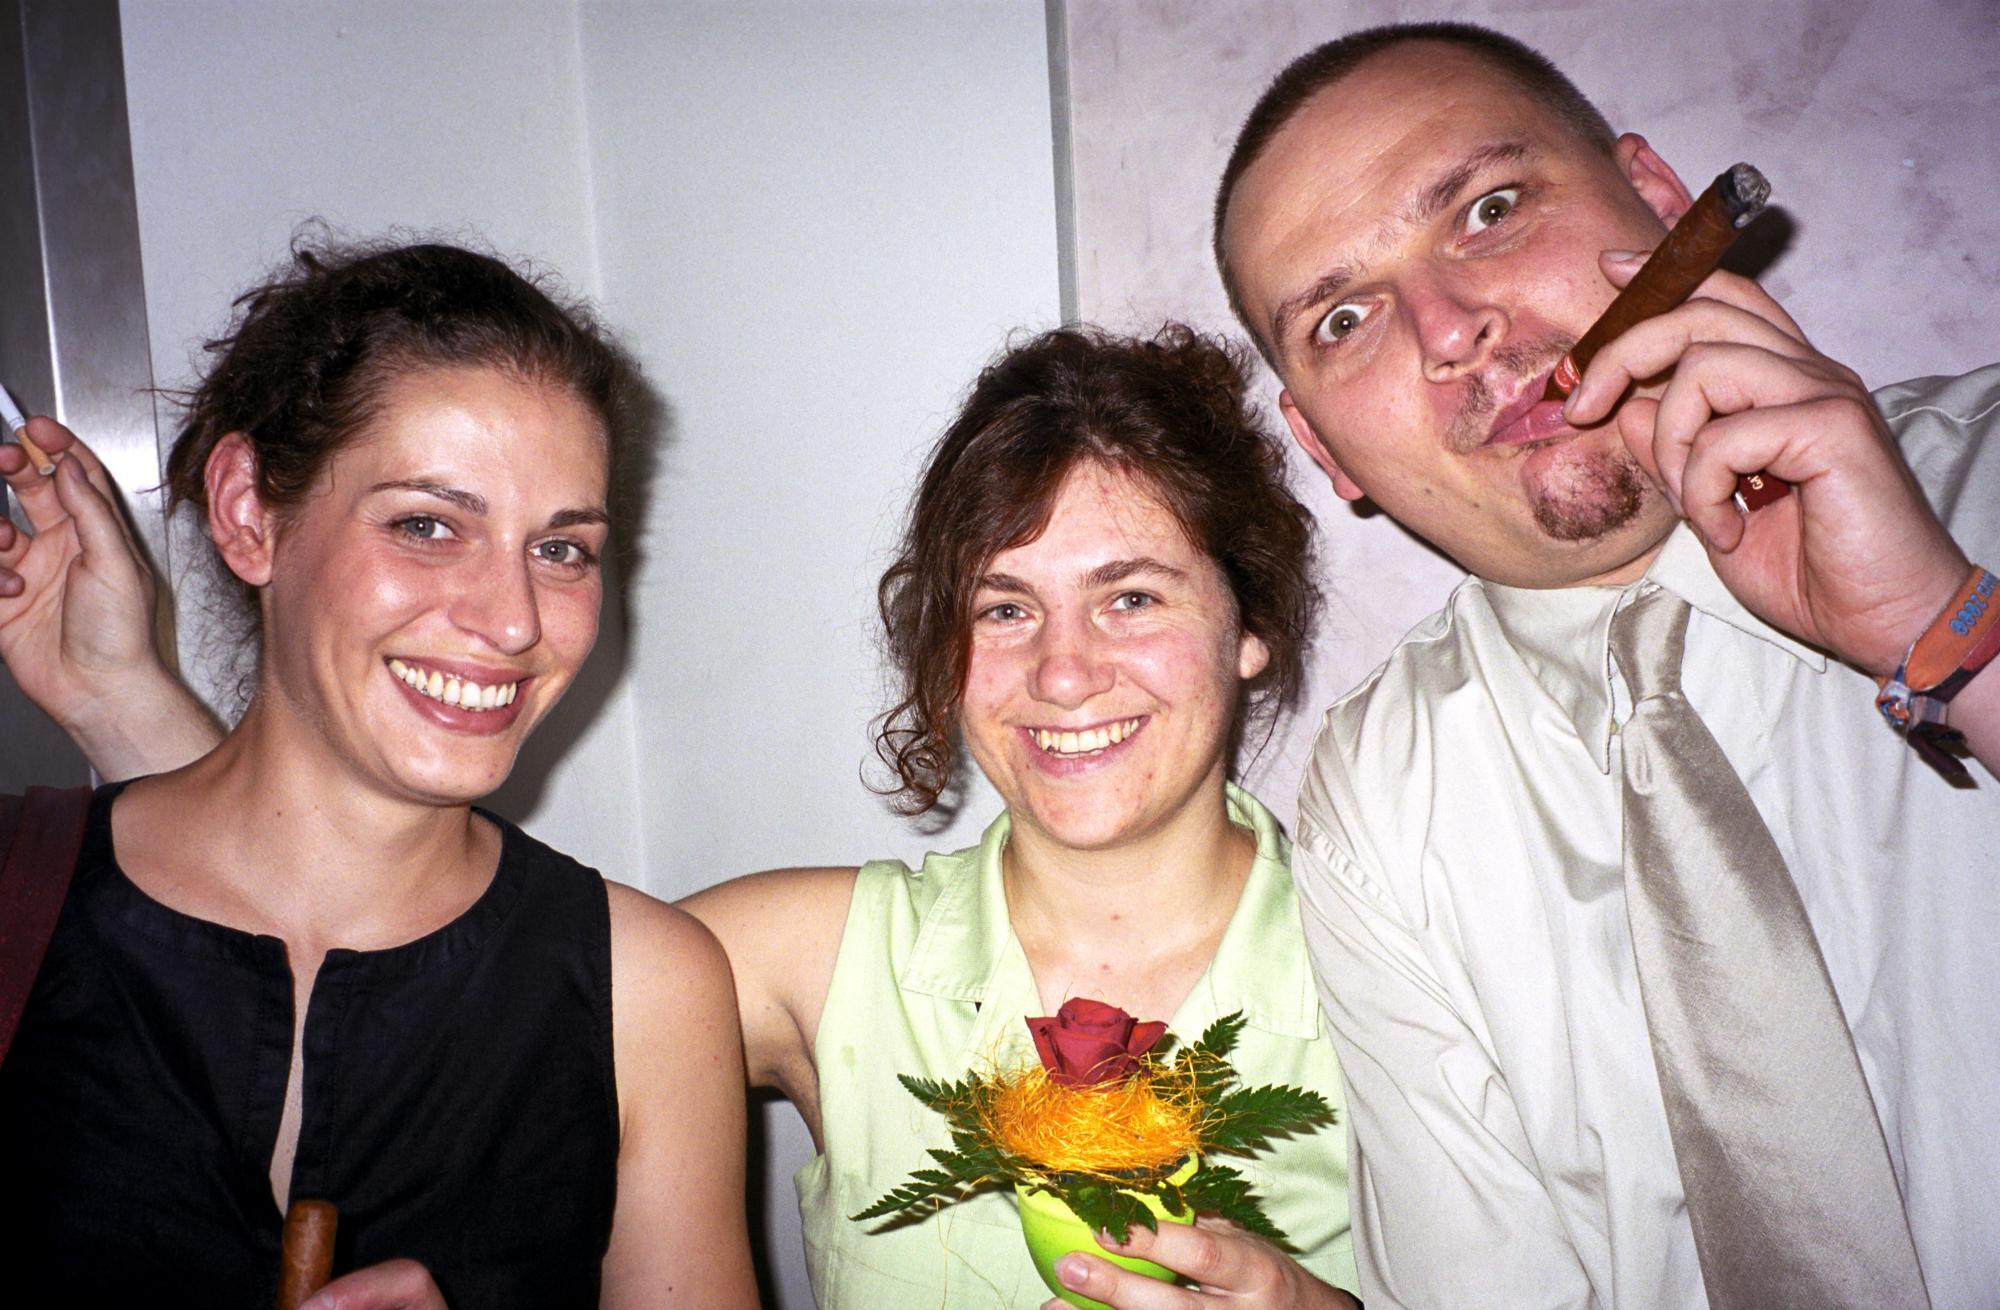 Adele Dresden gallery casa eu de dresden 2002 celebrating 2